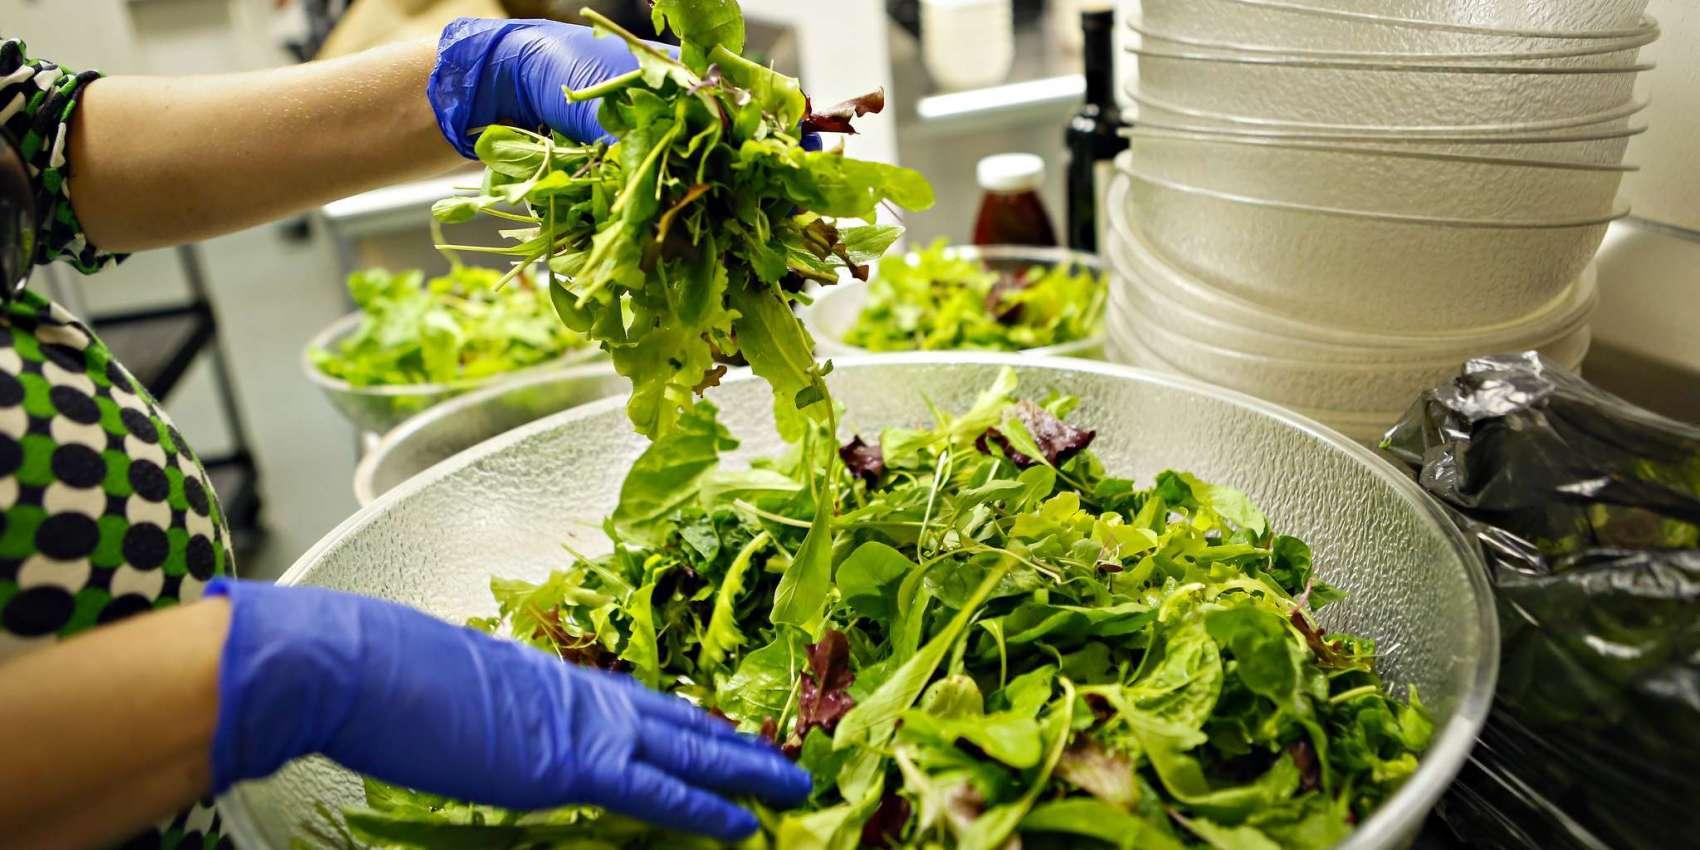 California Leaders In Healthy Food Trends